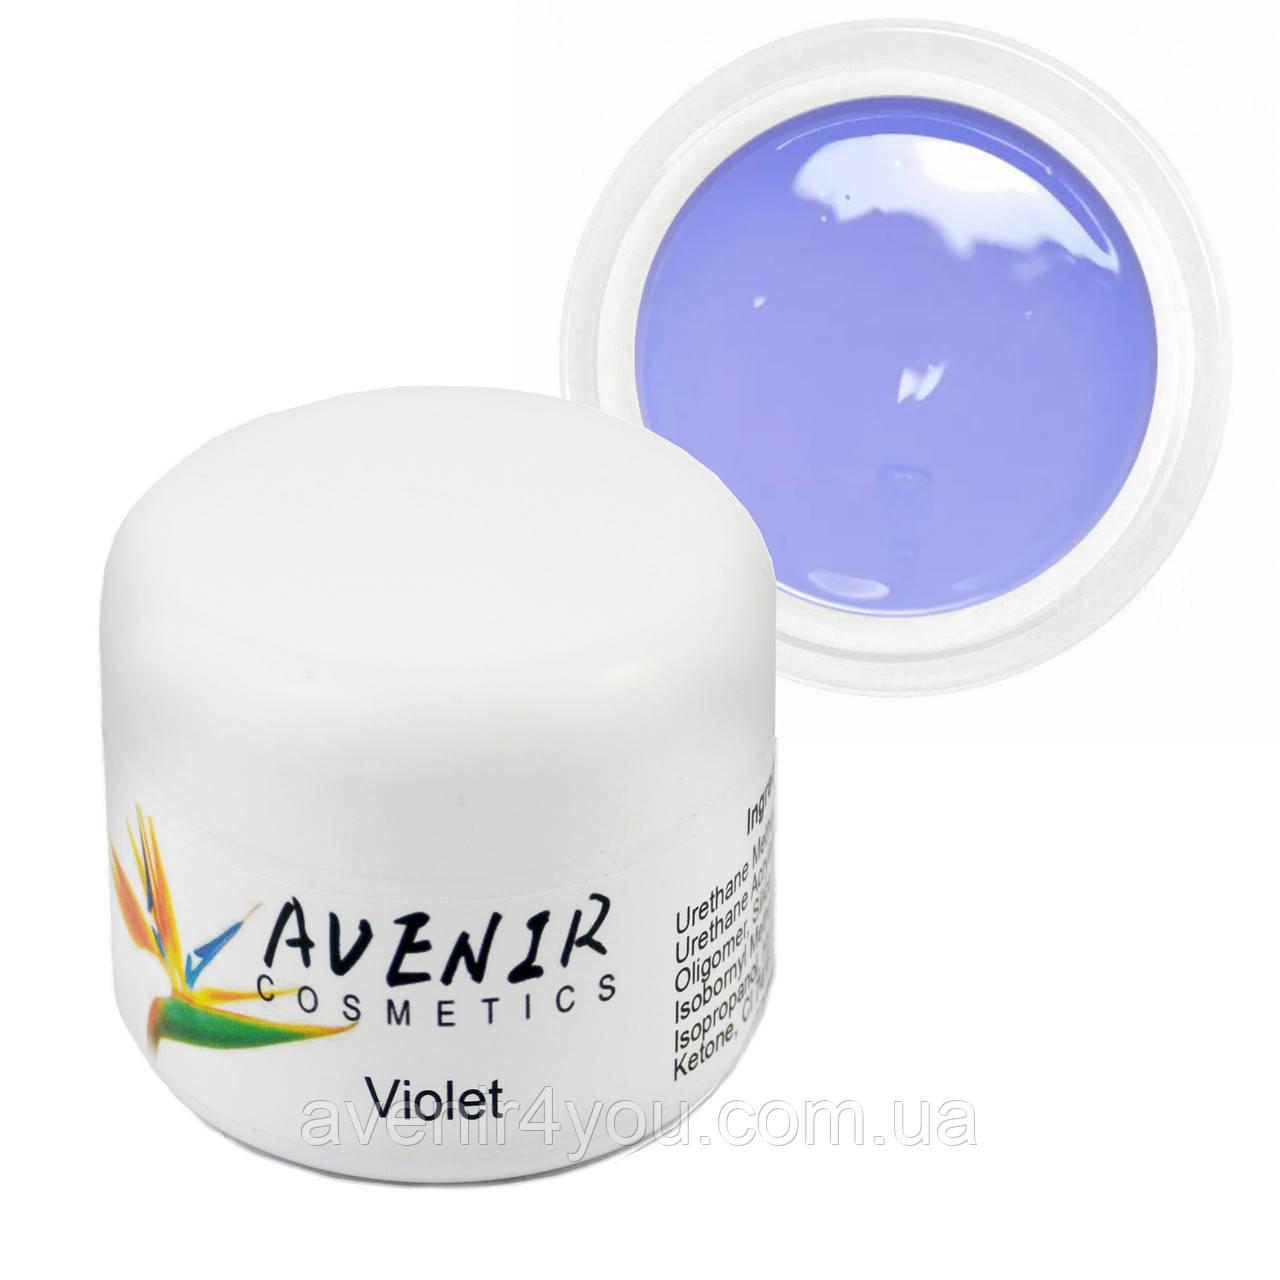 Гель для наращивания Violet Avenir 50 мл